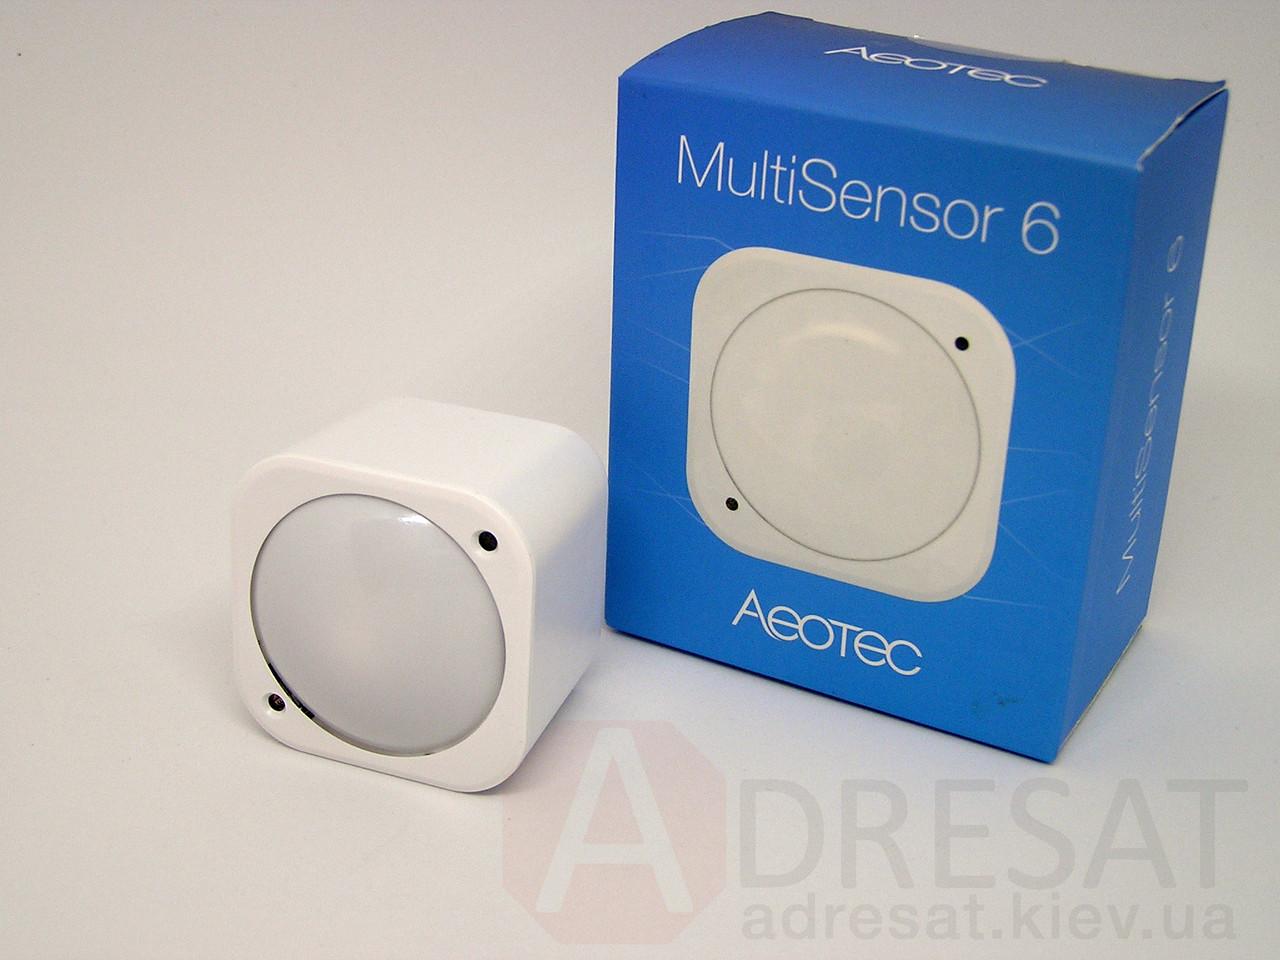 ZW100-C AEOTEC MultiSensor 6, датчик (рух, вологість, освітлення, УФ, температура, вібрація)